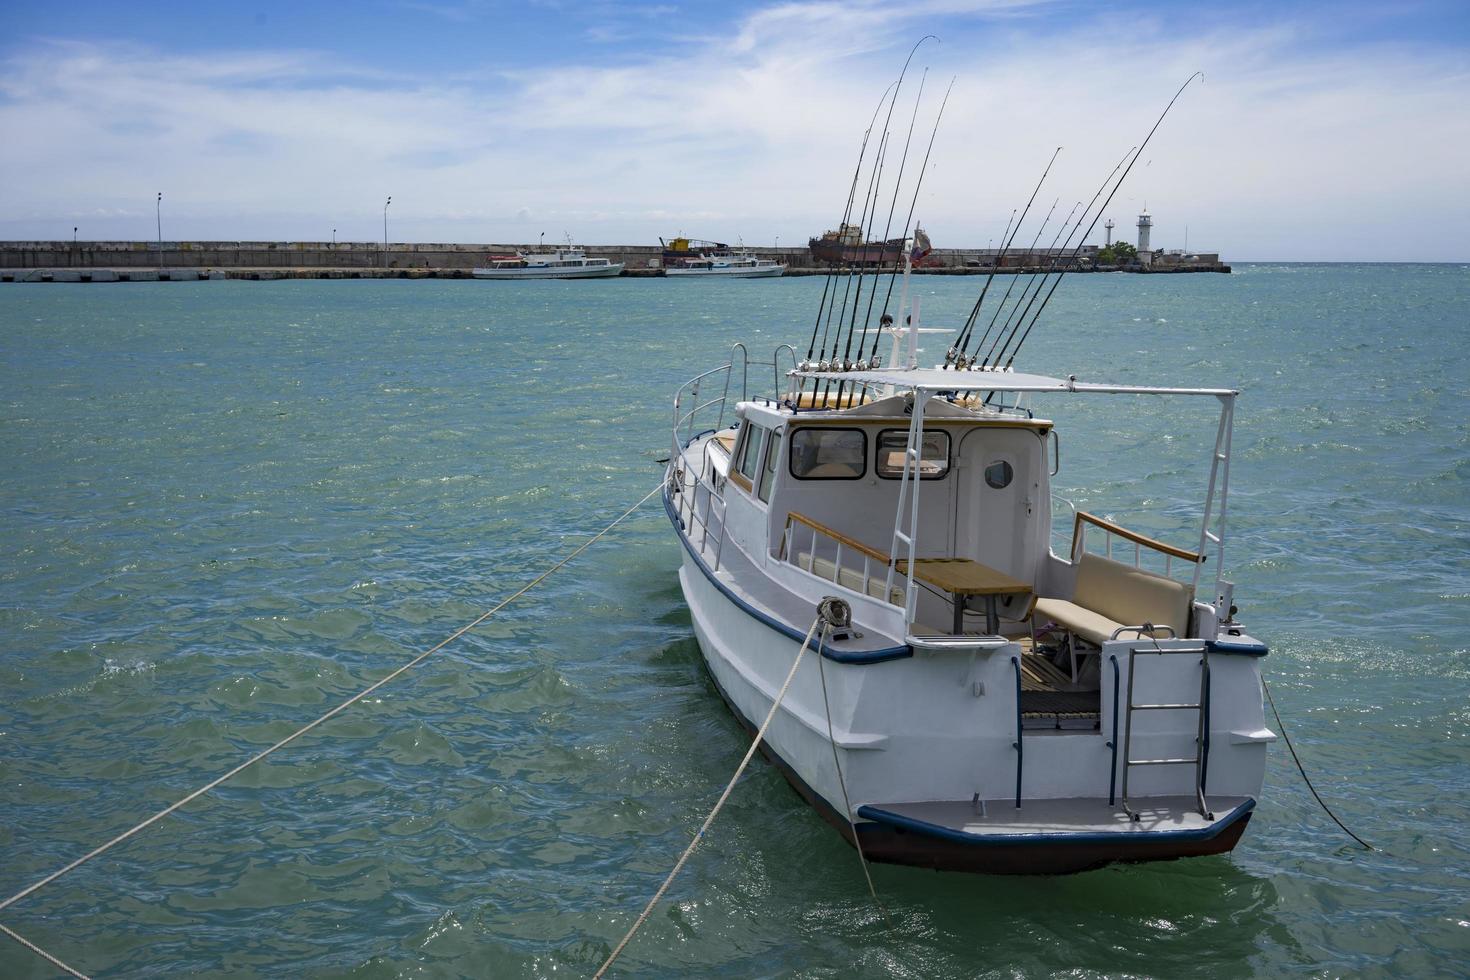 marinmålning med en båt på bakgrunden av havet. foto